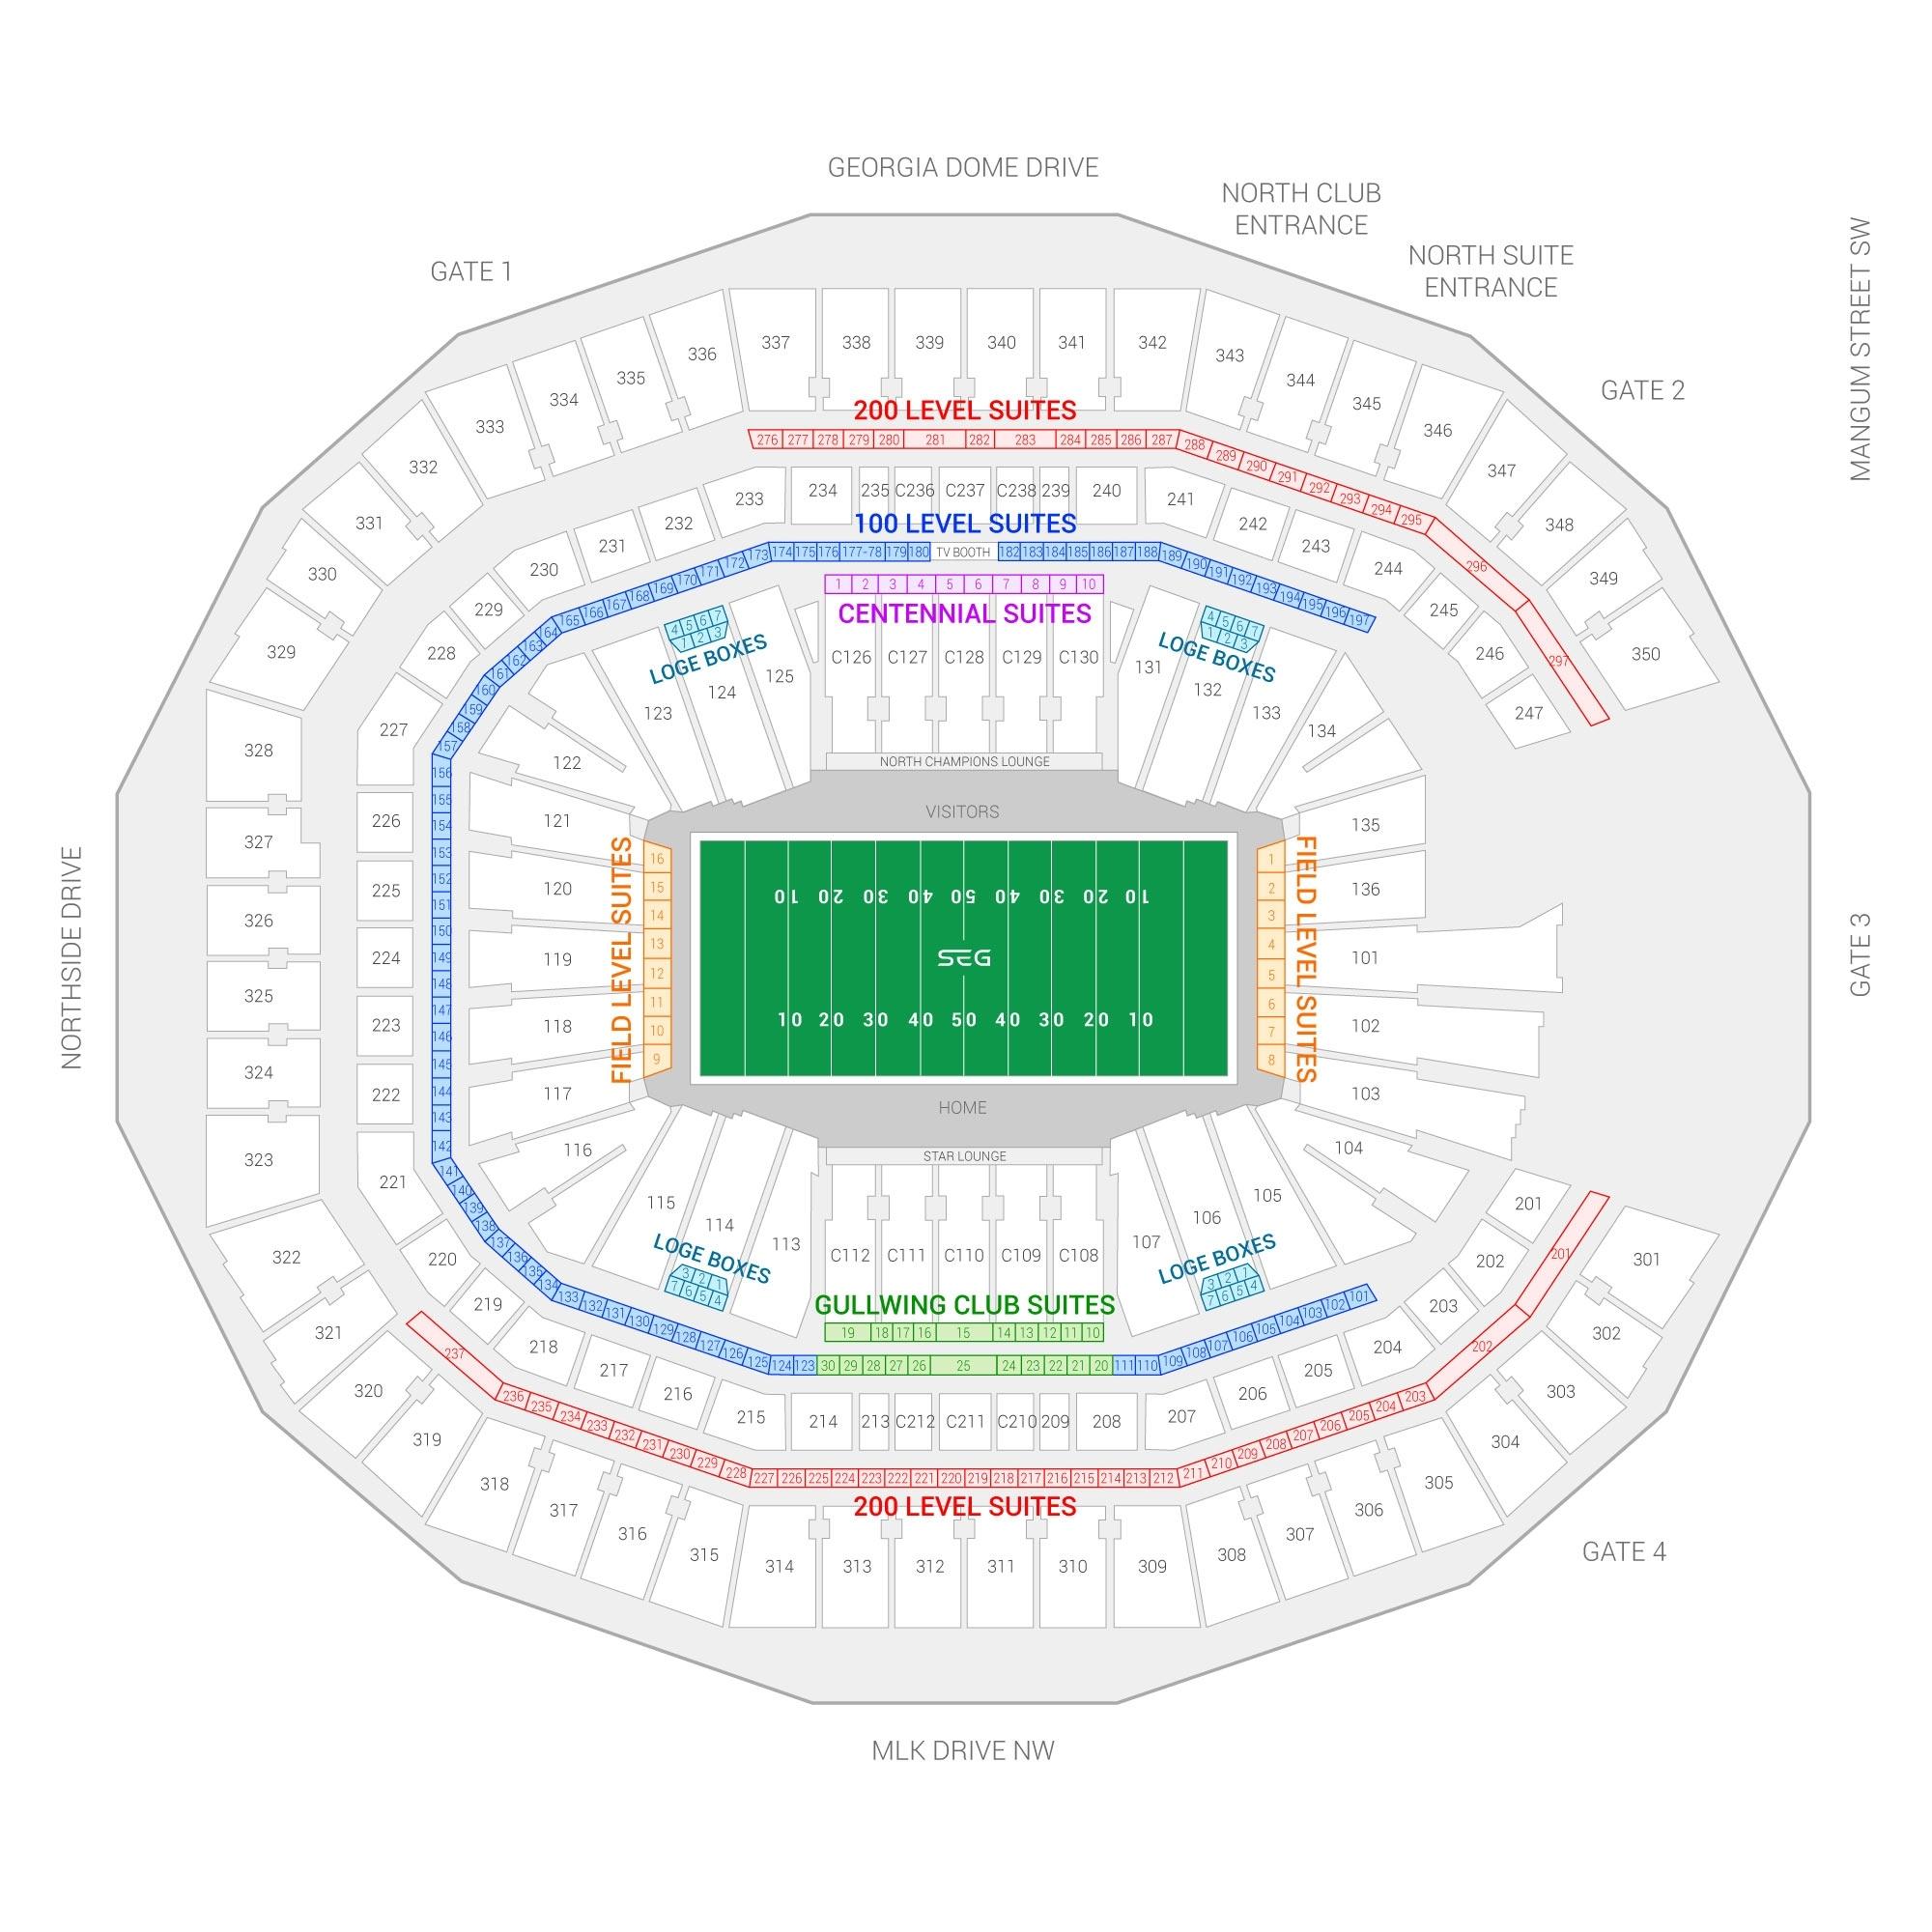 Super Bowl Liii Suite Rentals | Mercedes-Benz Stadium throughout Atlanta Stadium Super Bowl Seating